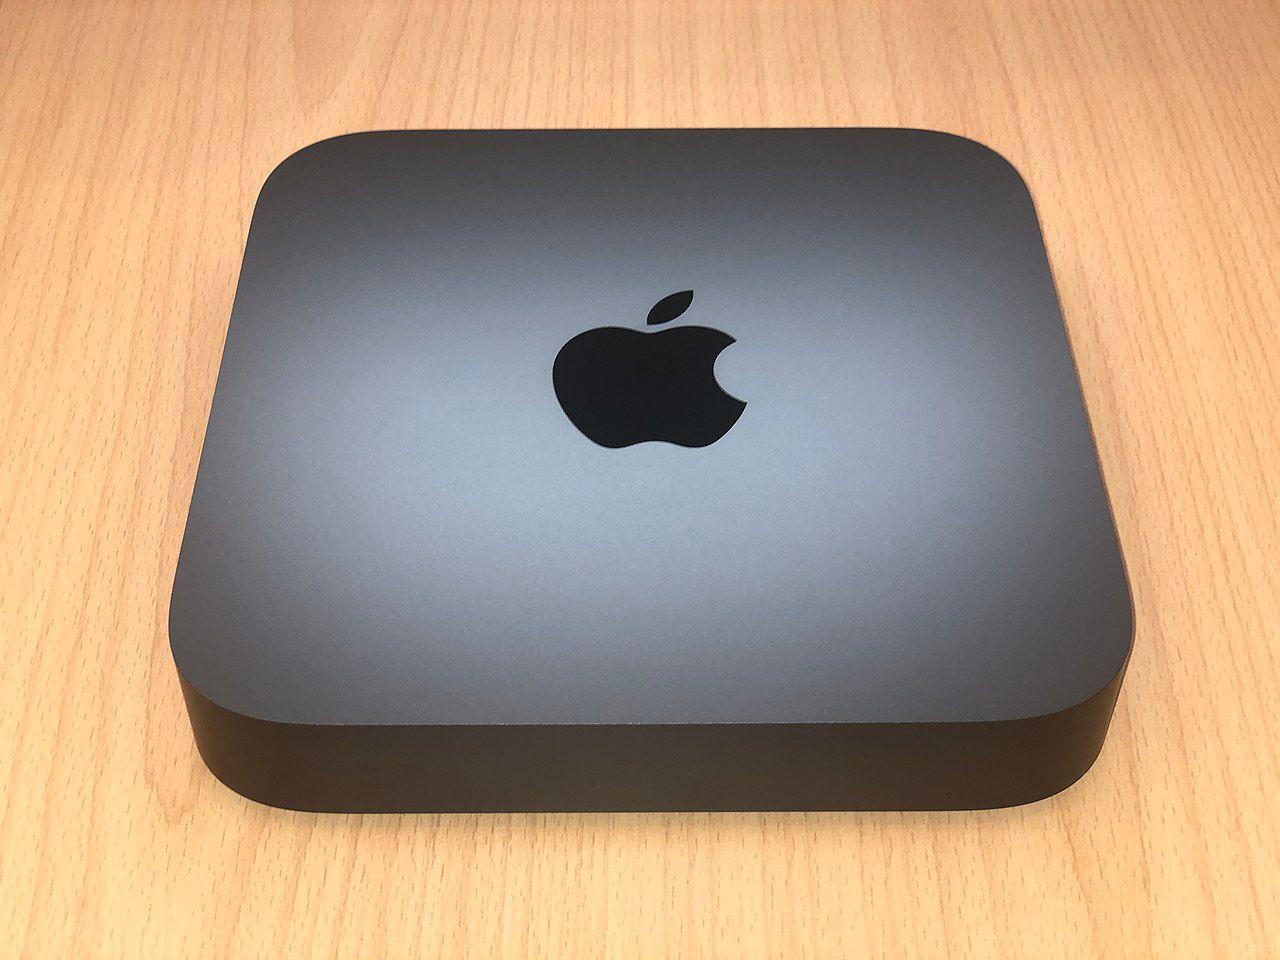 So ähnlich sieht der Mac-Mini for ARM aus: Macmini8,1, Mac Mini Unibody A1993. (C) CC BY-SA 4.0